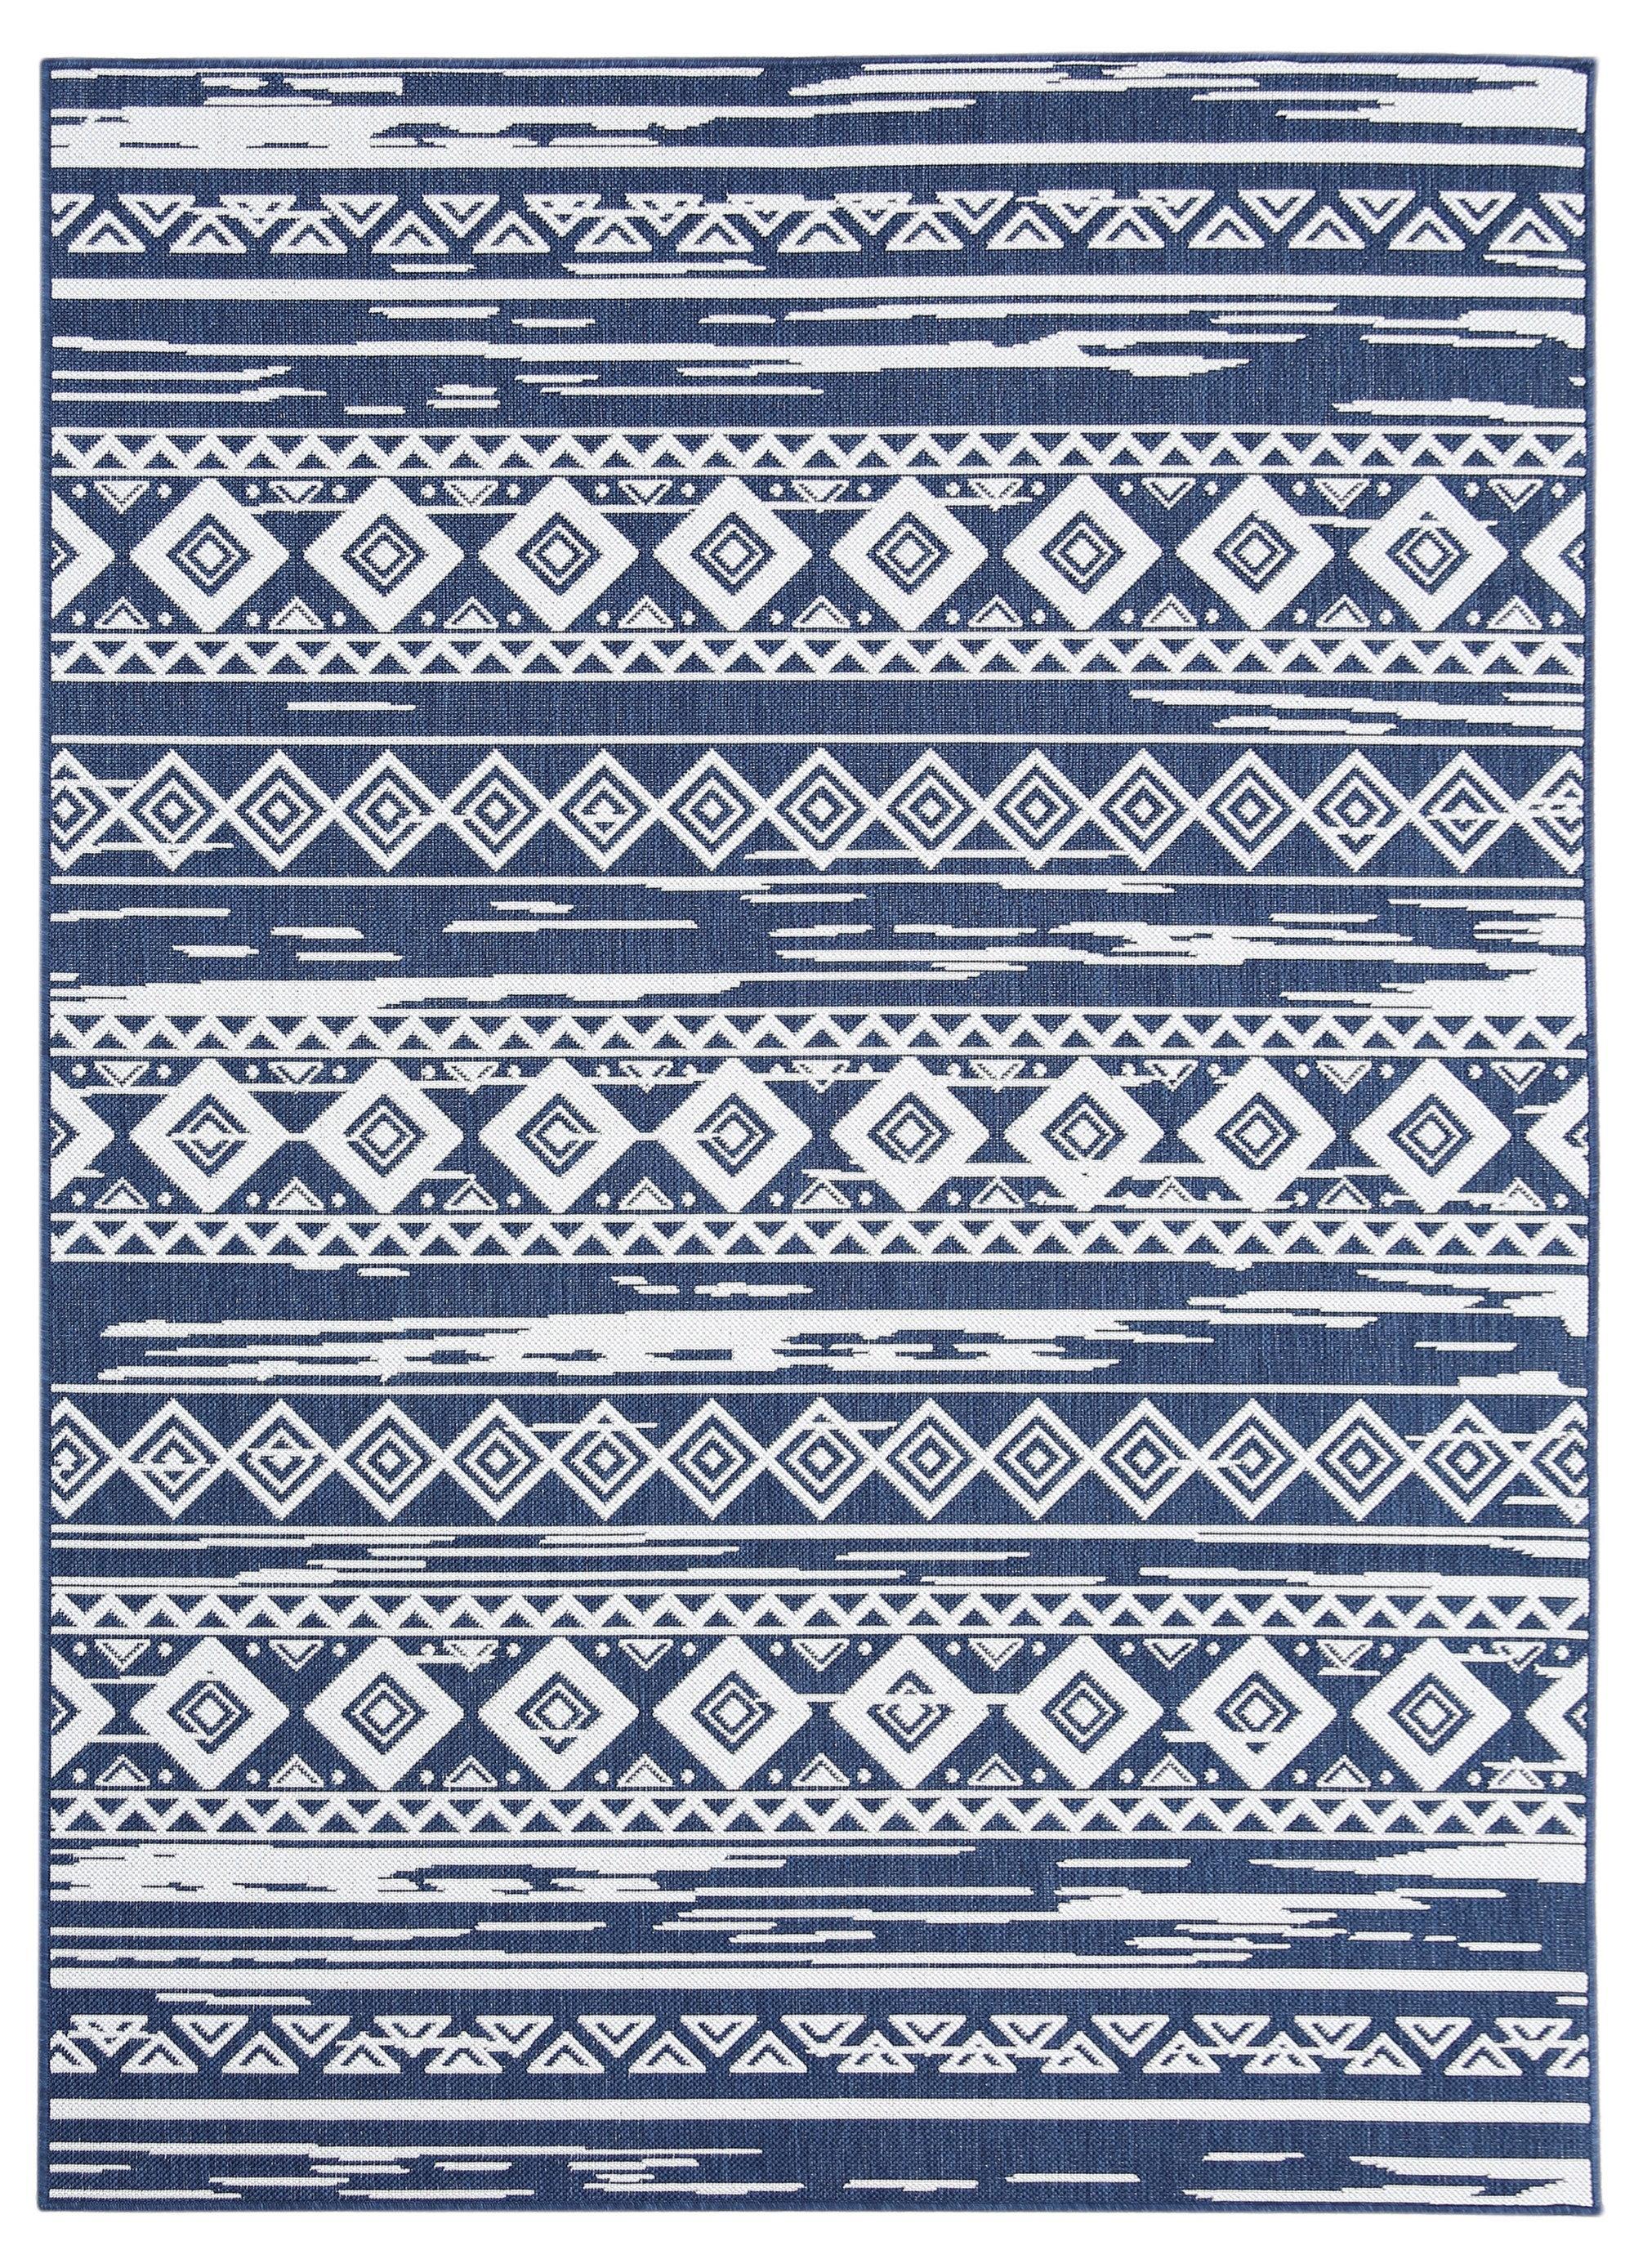 Union Rustic Eveloe All Weather Tribal Motif Navy Blue Indoor Outdoor Area Rug Wayfair